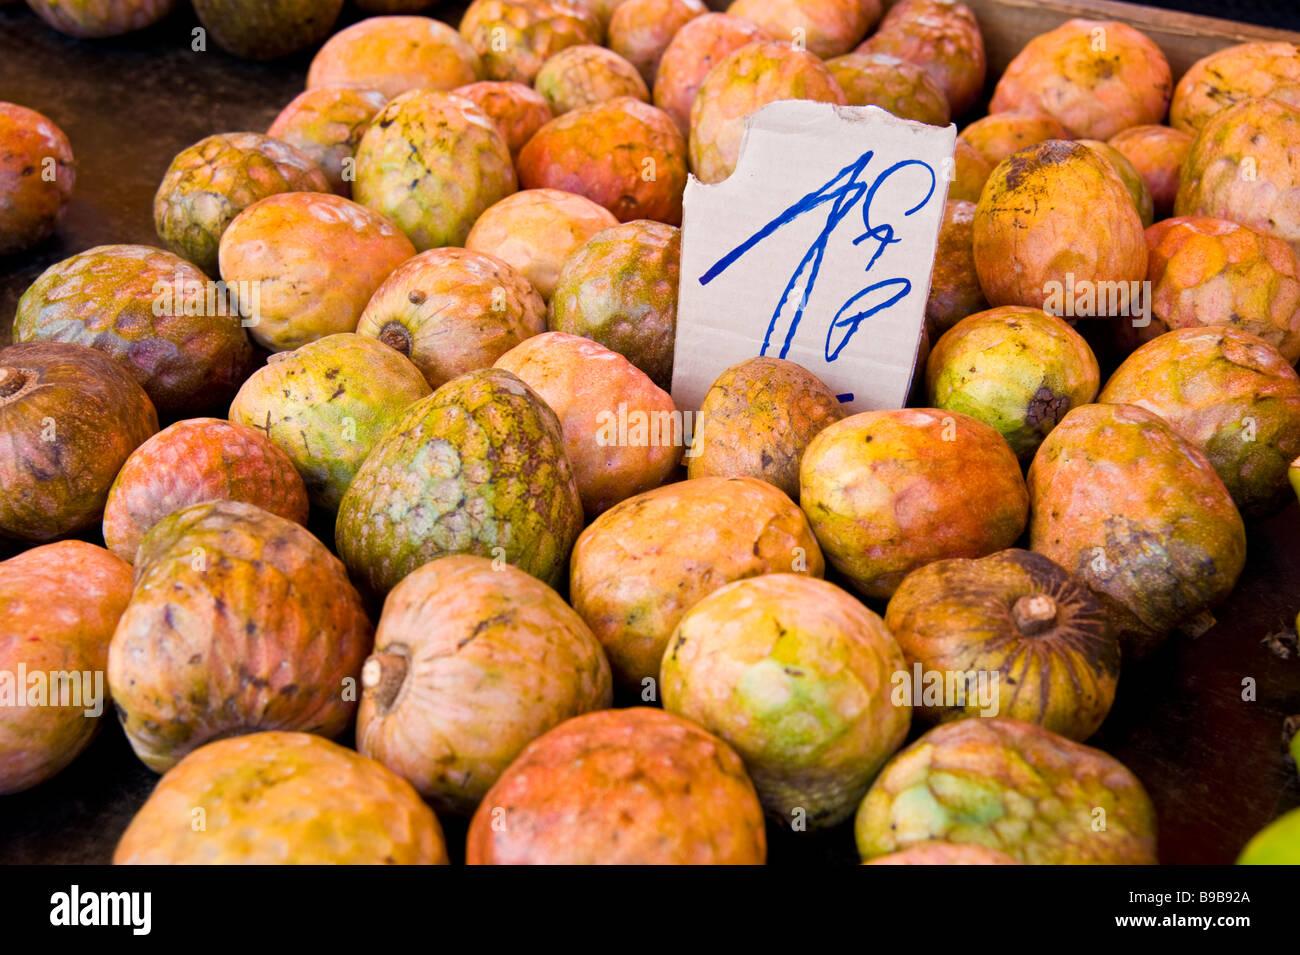 Tropical fruit, Cherimoya (Annona cherimola) market, Saint Denis, La Réunion France | Tropische Früchte, - Stock Image